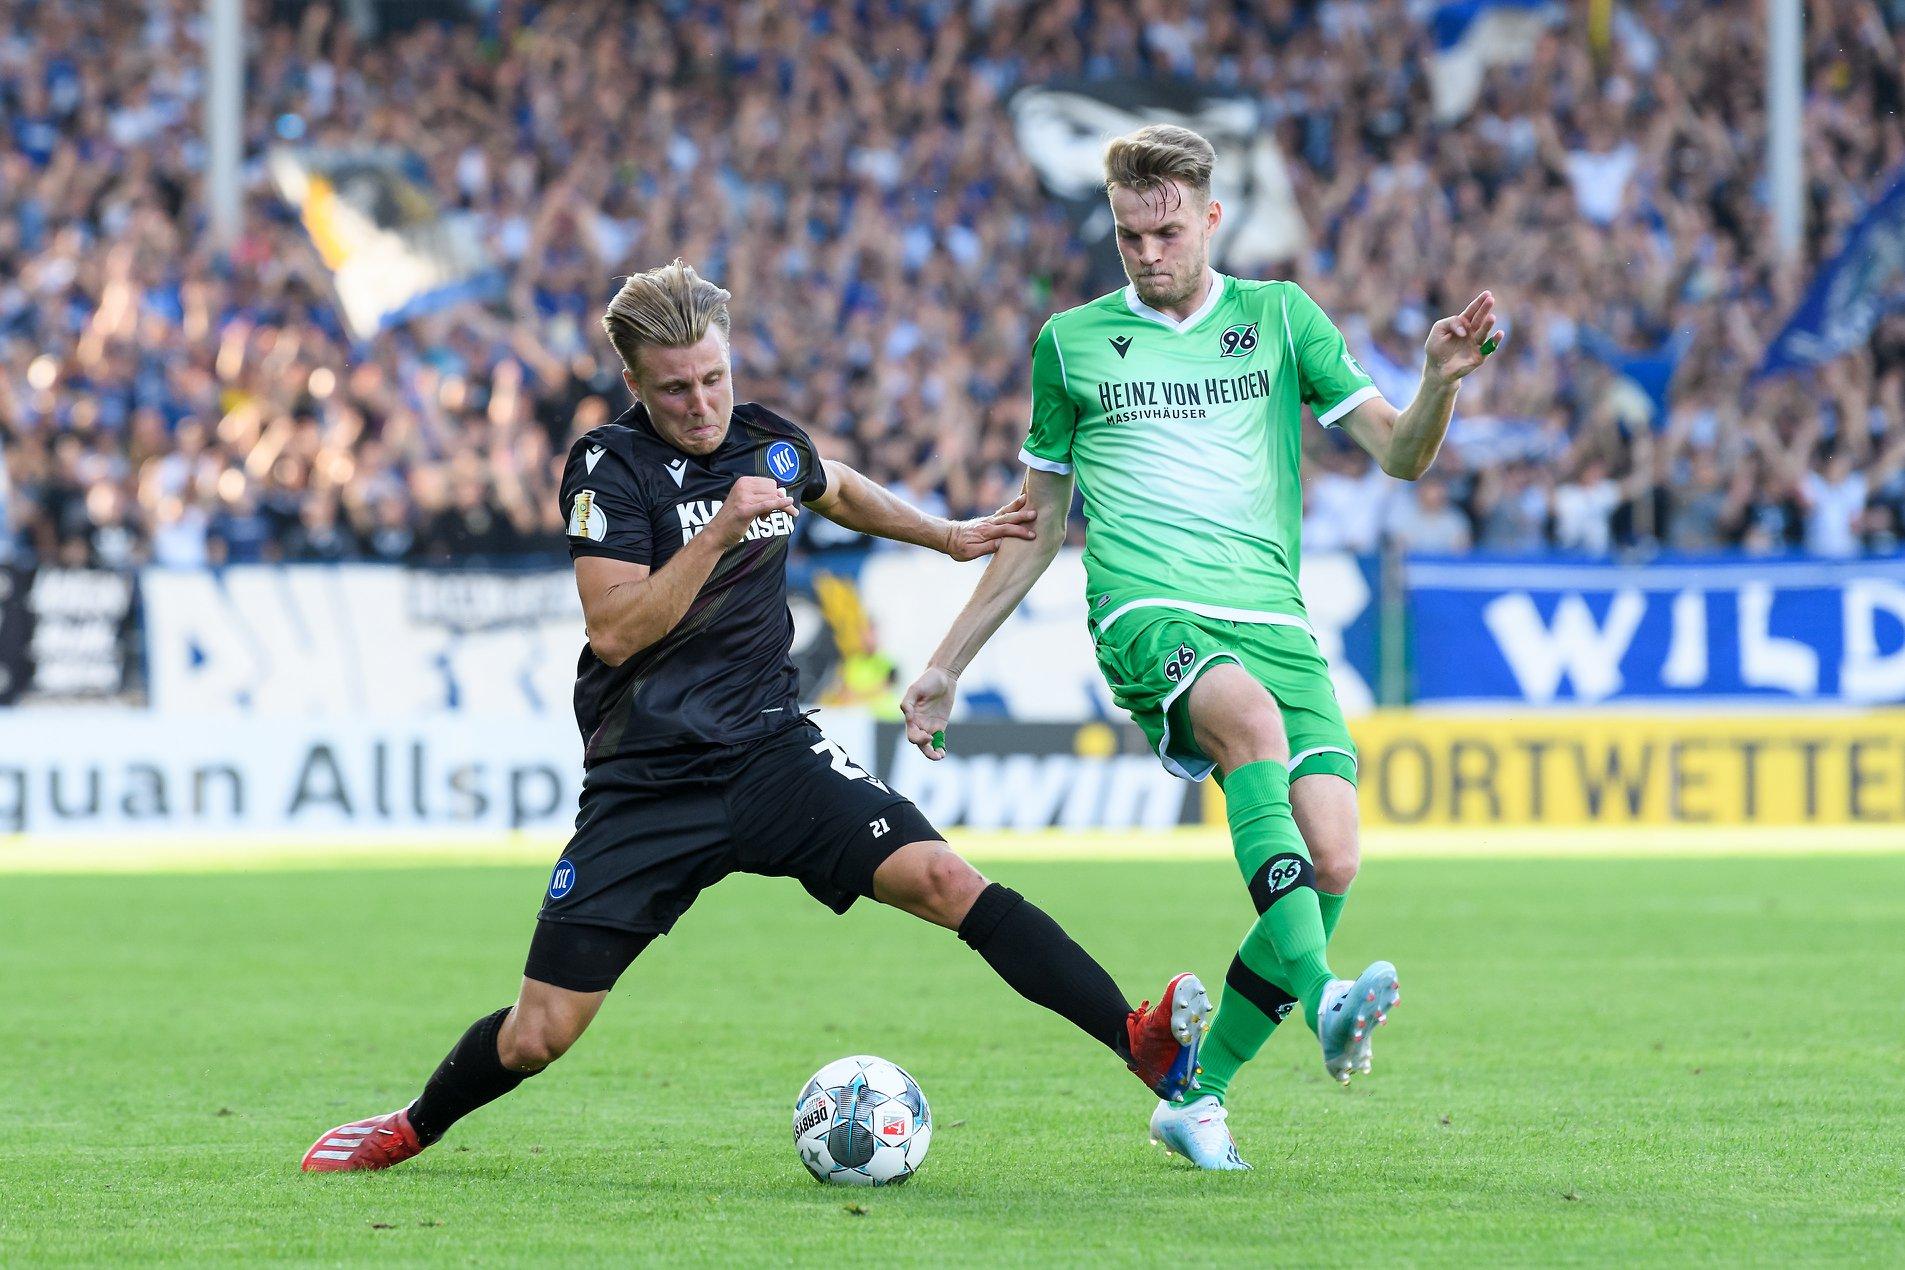 Soi kèo Karlsruher vs Erzgebirge